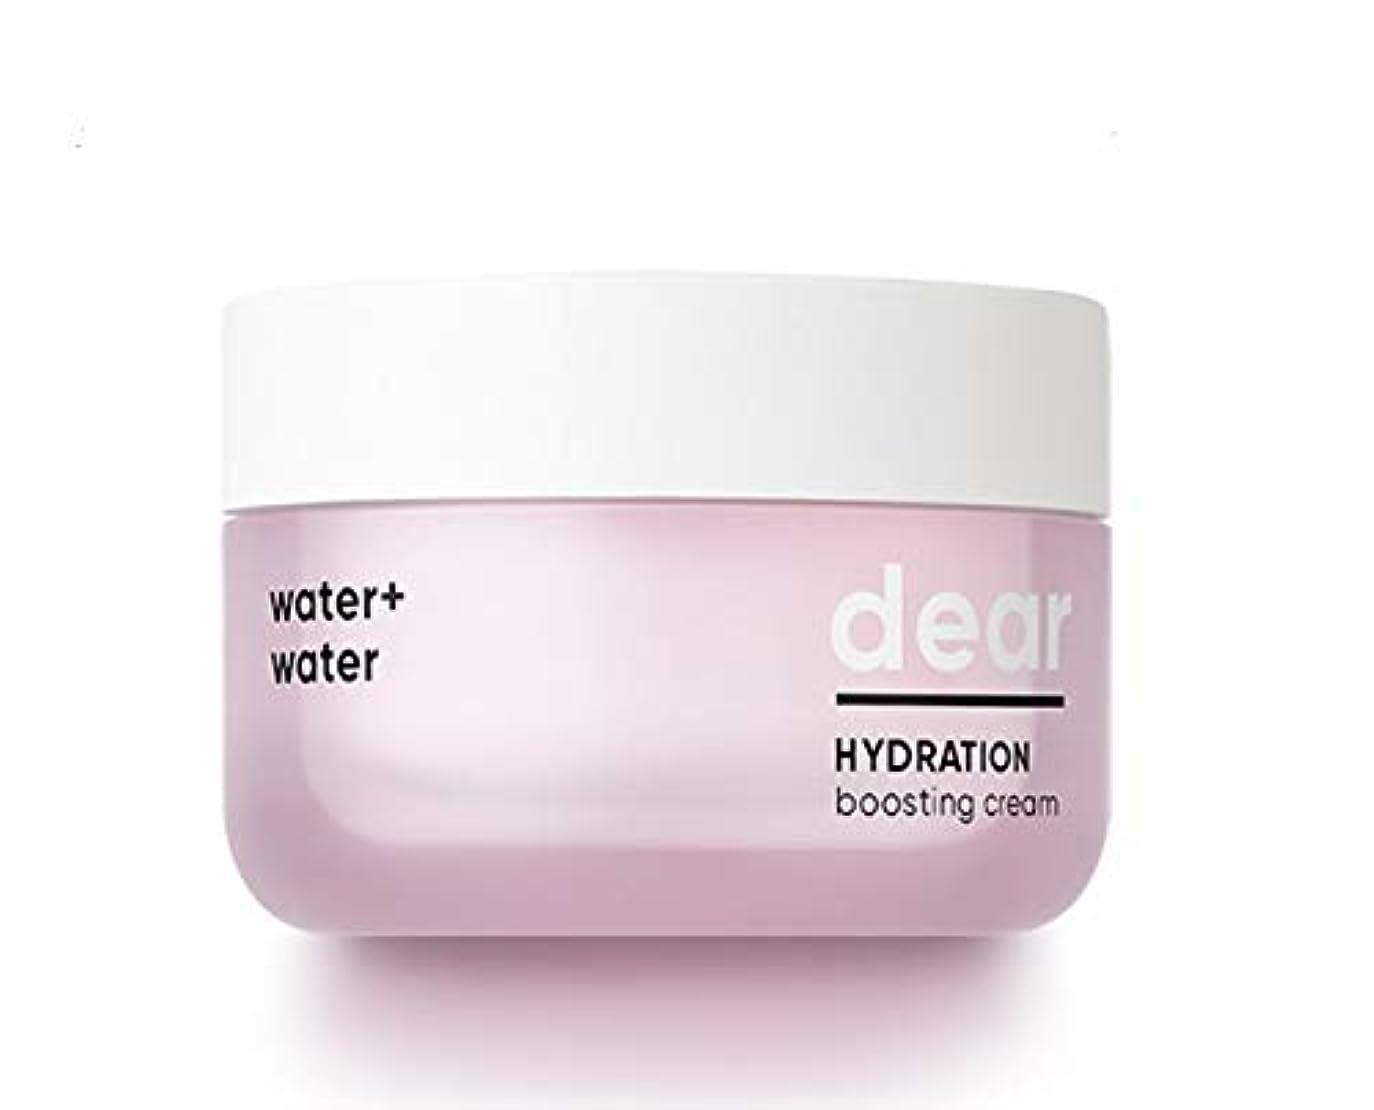 ありふれた統計的駐地[New] BANILA CO dear Hydration Boosting Cream 50ml / (Banila co) パニルラ鼻ディアハイドゥレイションブースティングクリーム50ml [並行輸入品]